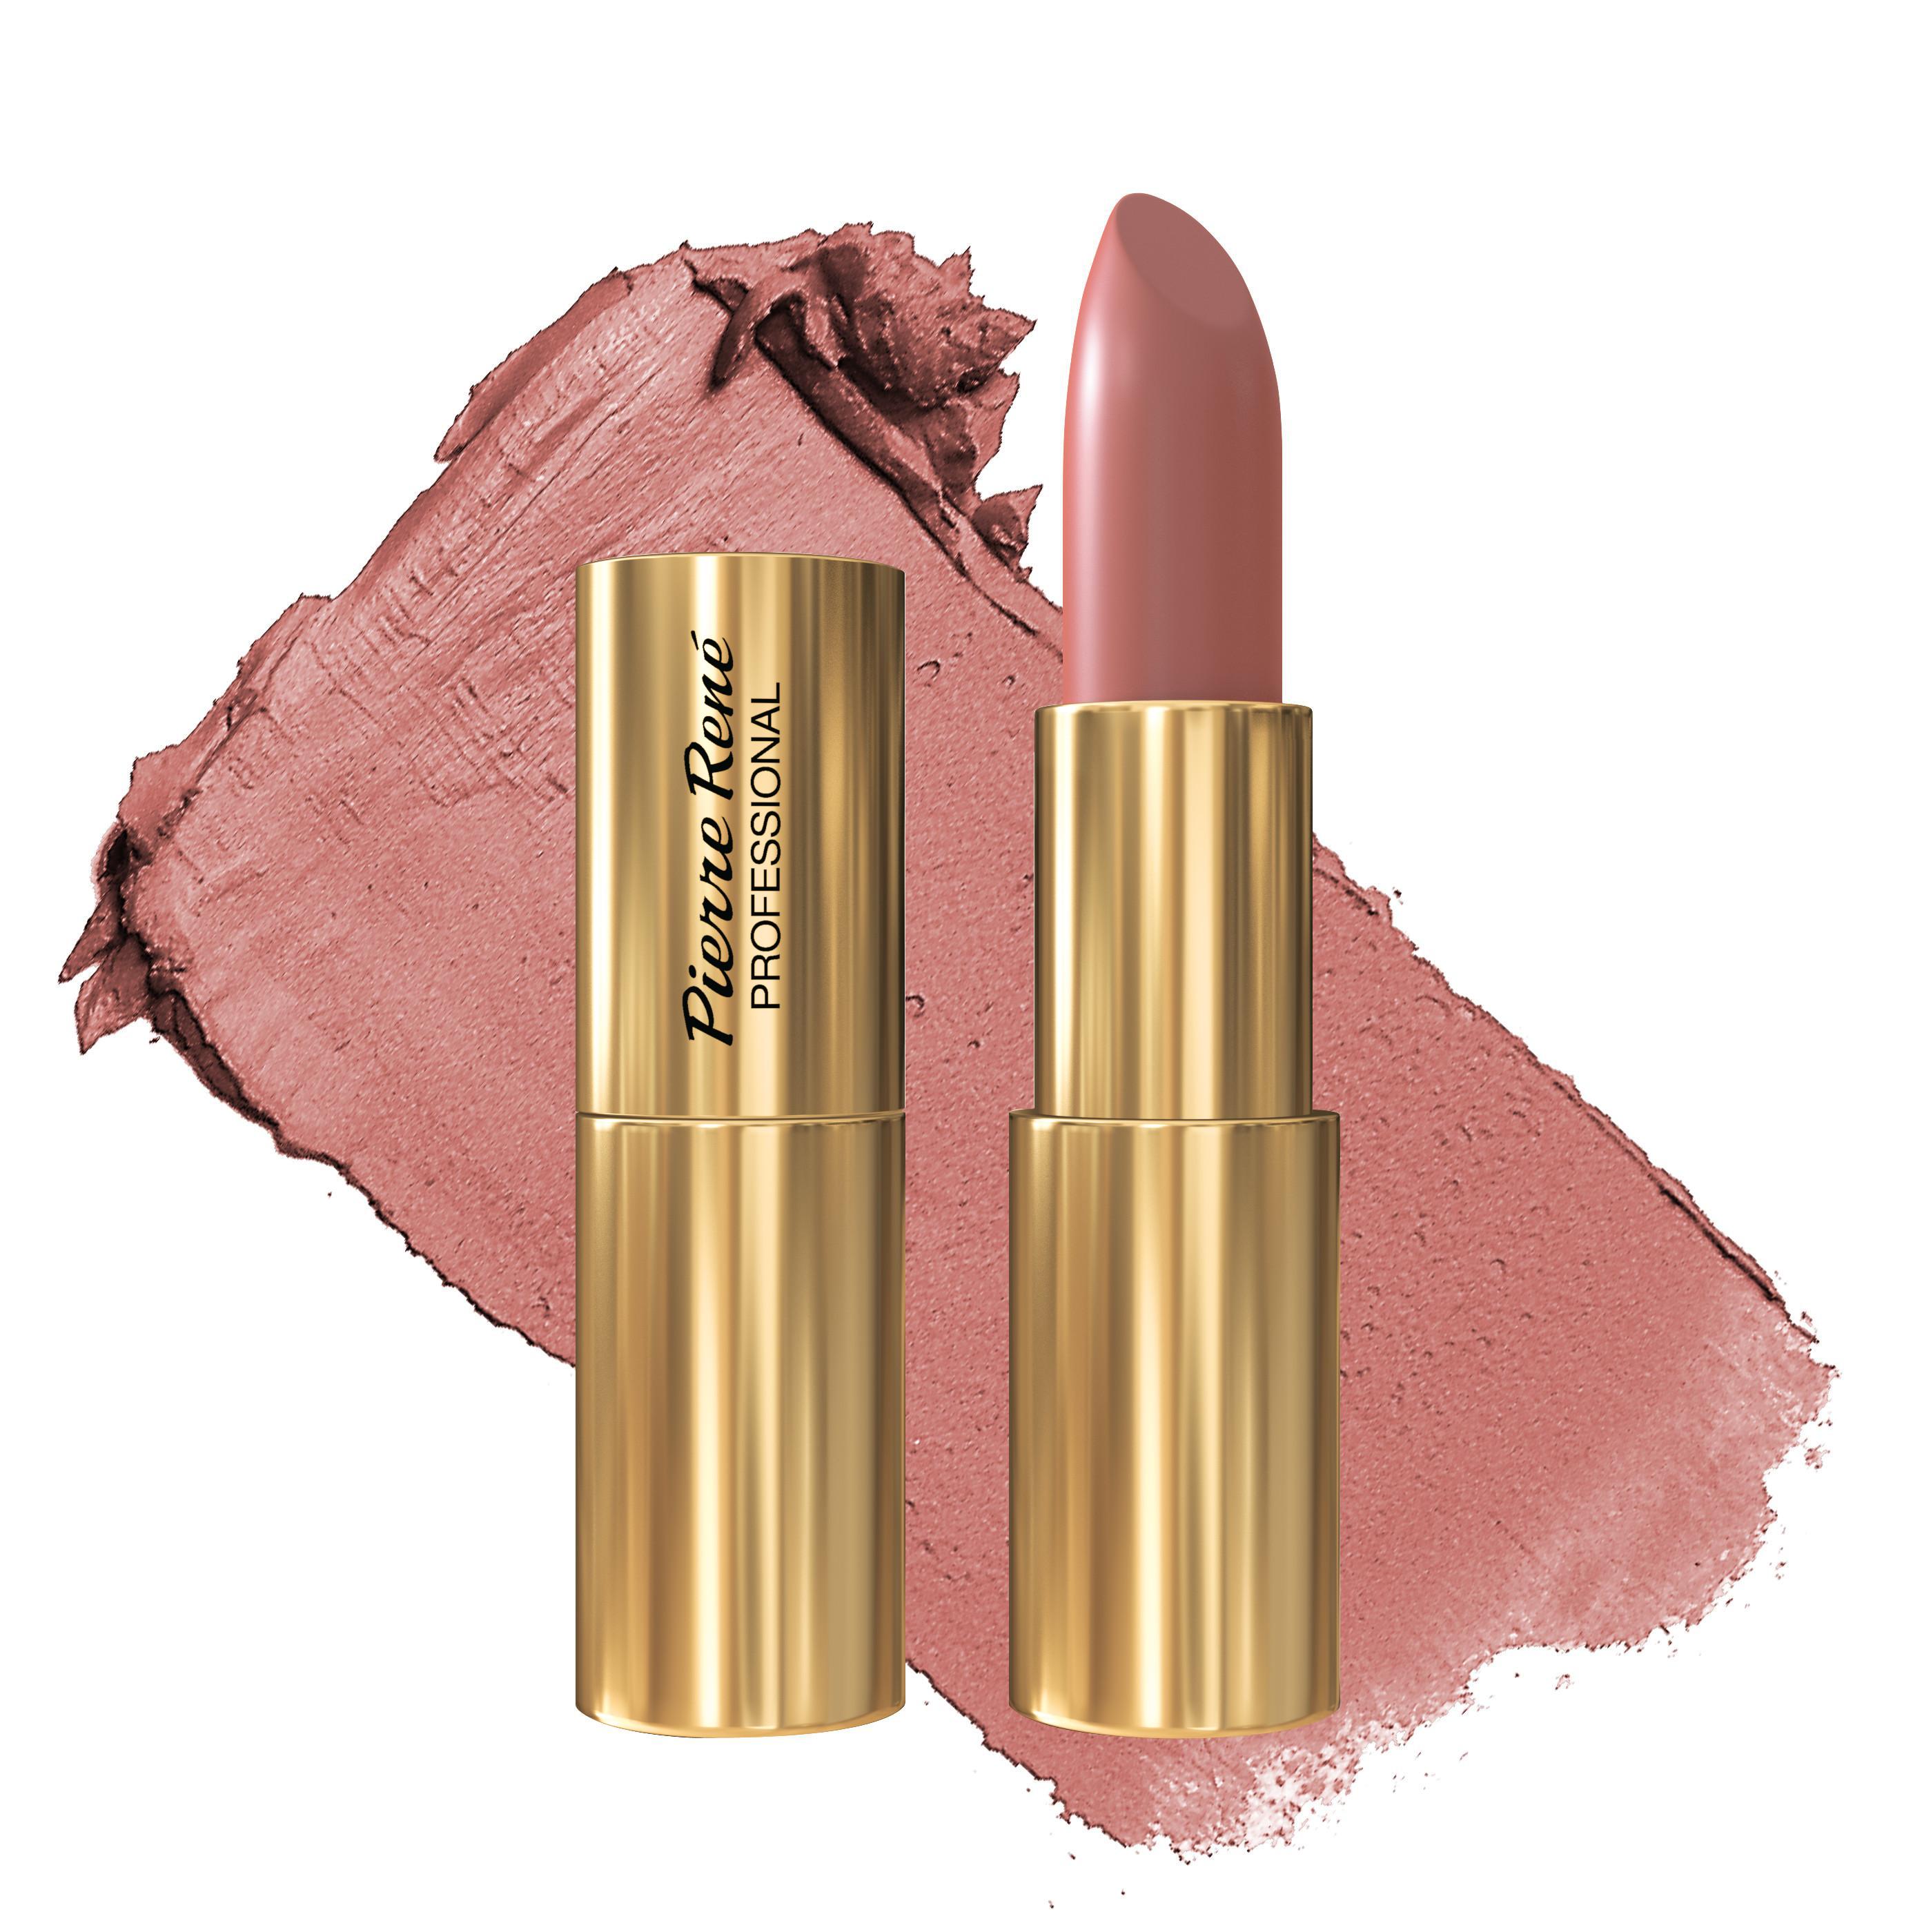 Купить PIERRE RENE Помада сатиновая для губ, 03 светлый бежево-розовый / Royal Mat Lipstick 4, 8 г